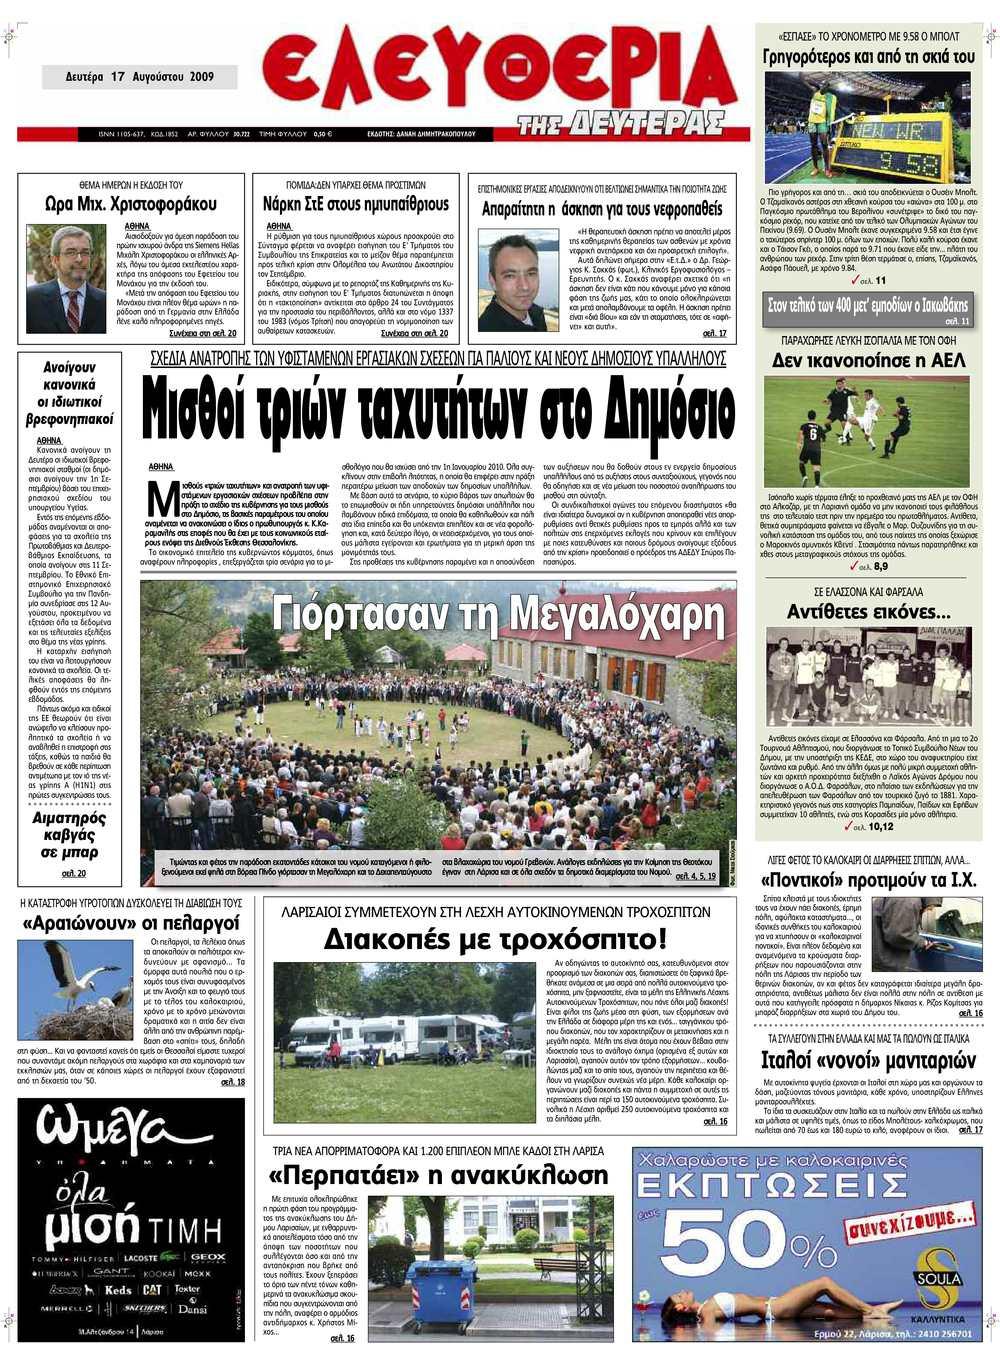 Calaméo - Eleftheria.gr 17 8 2009 39dfd82a67e